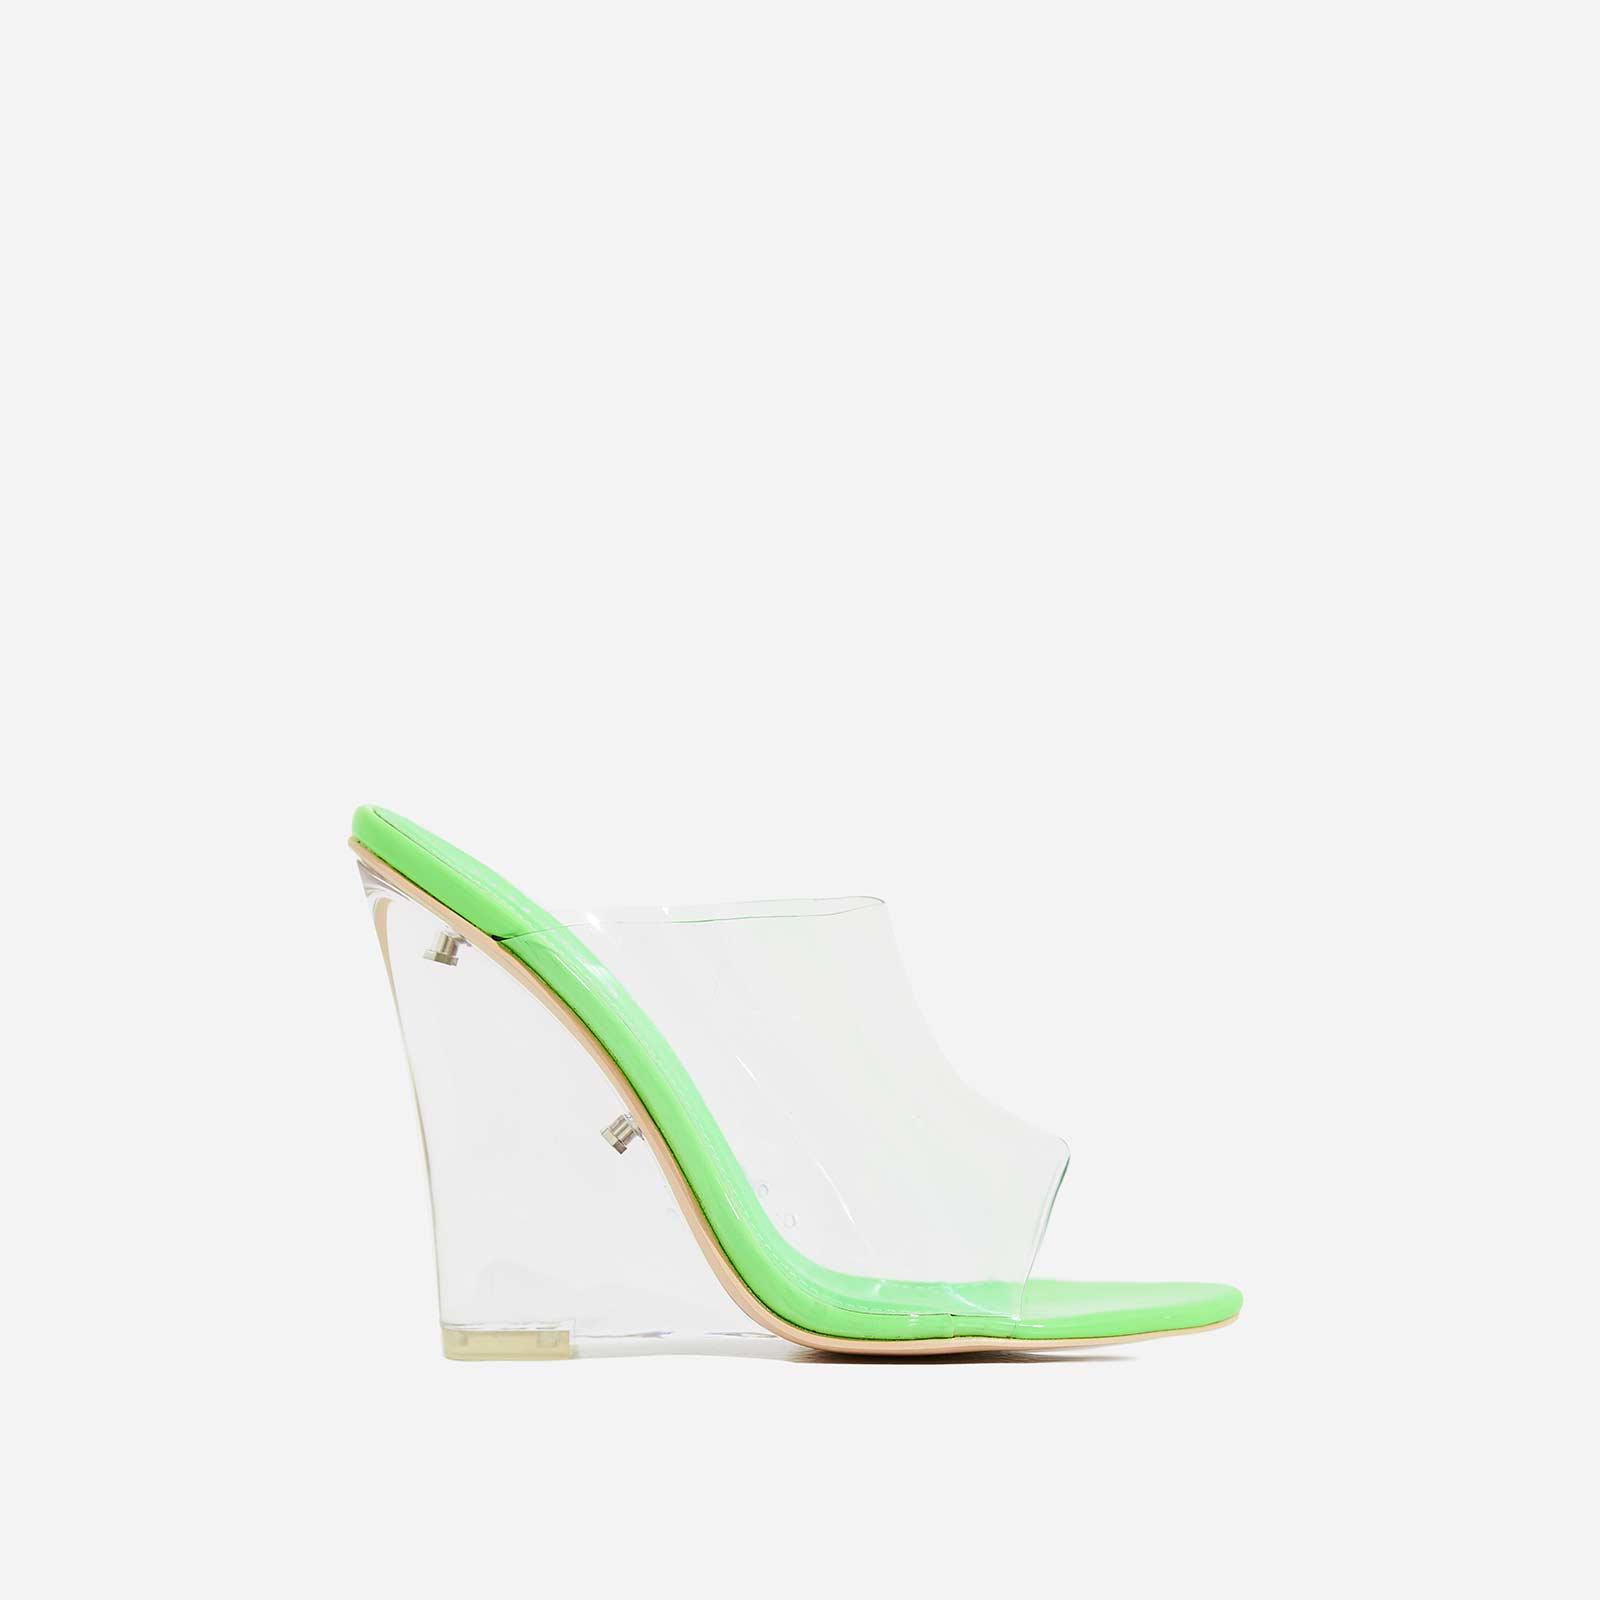 Lemonade Perspex Wedge Peep Toe Mule In Lime Green Patent